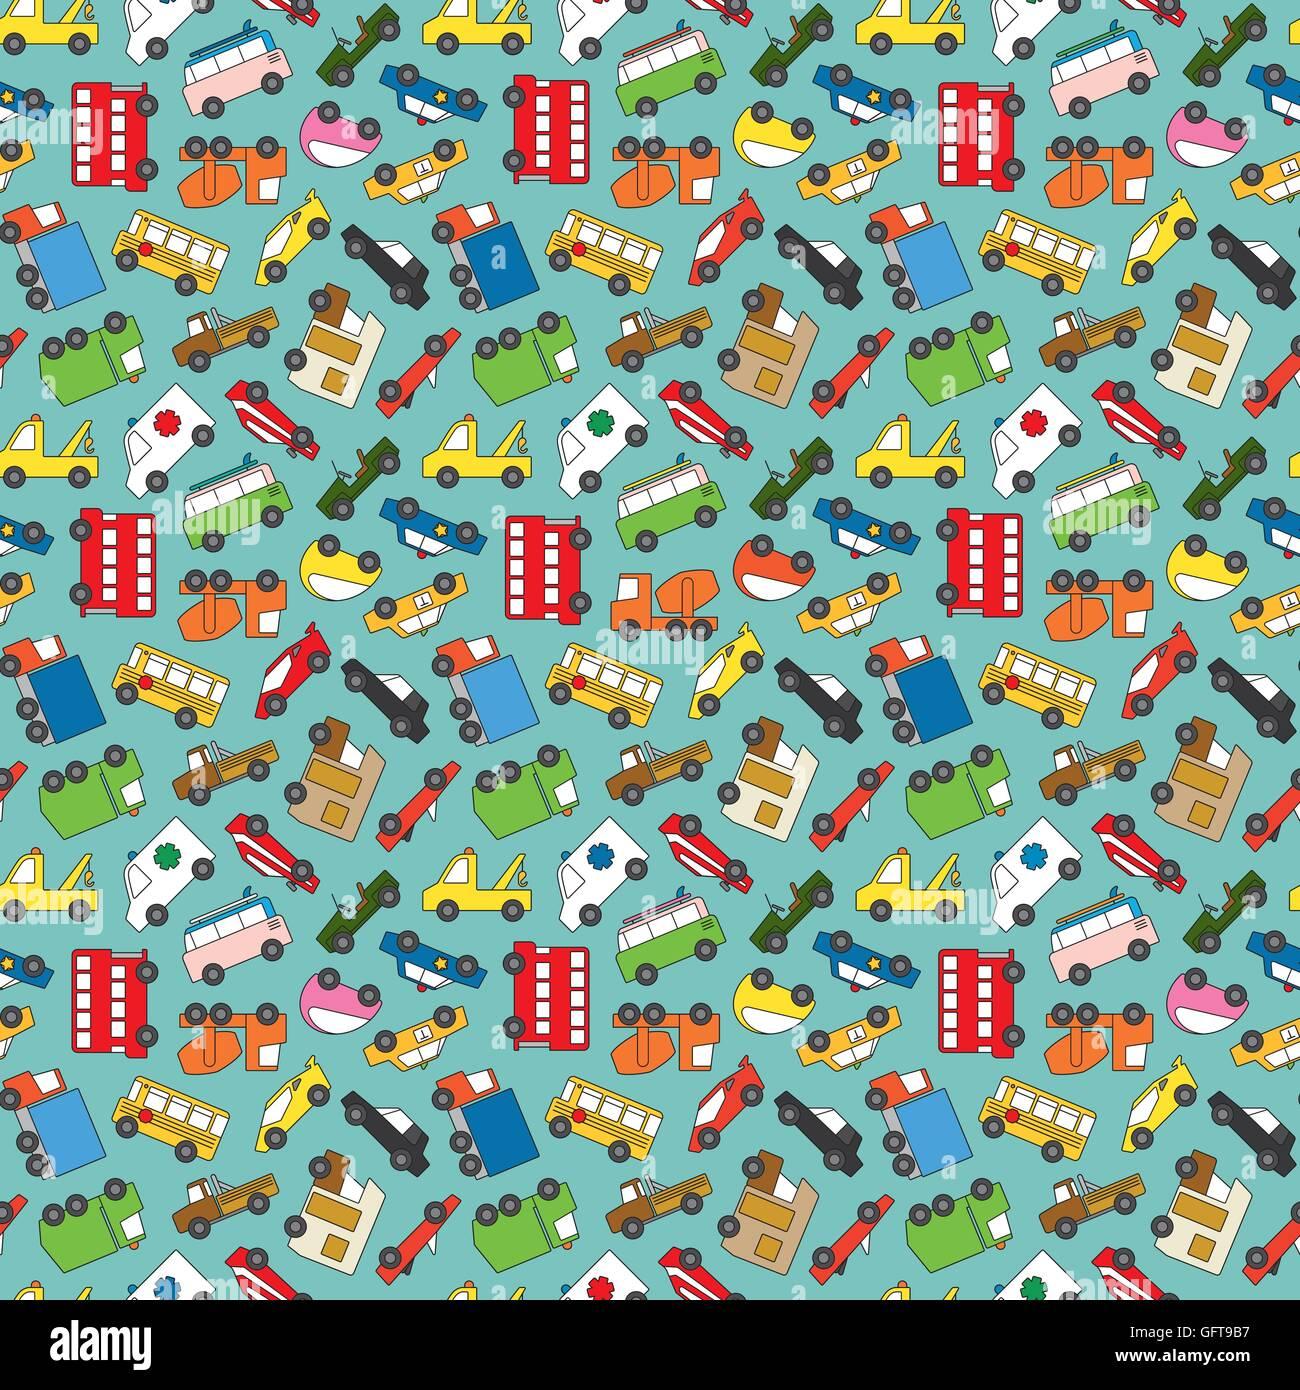 Nahtlose Muster aus verschiedenen Pkw, LKW und vans Vektor Stockbild